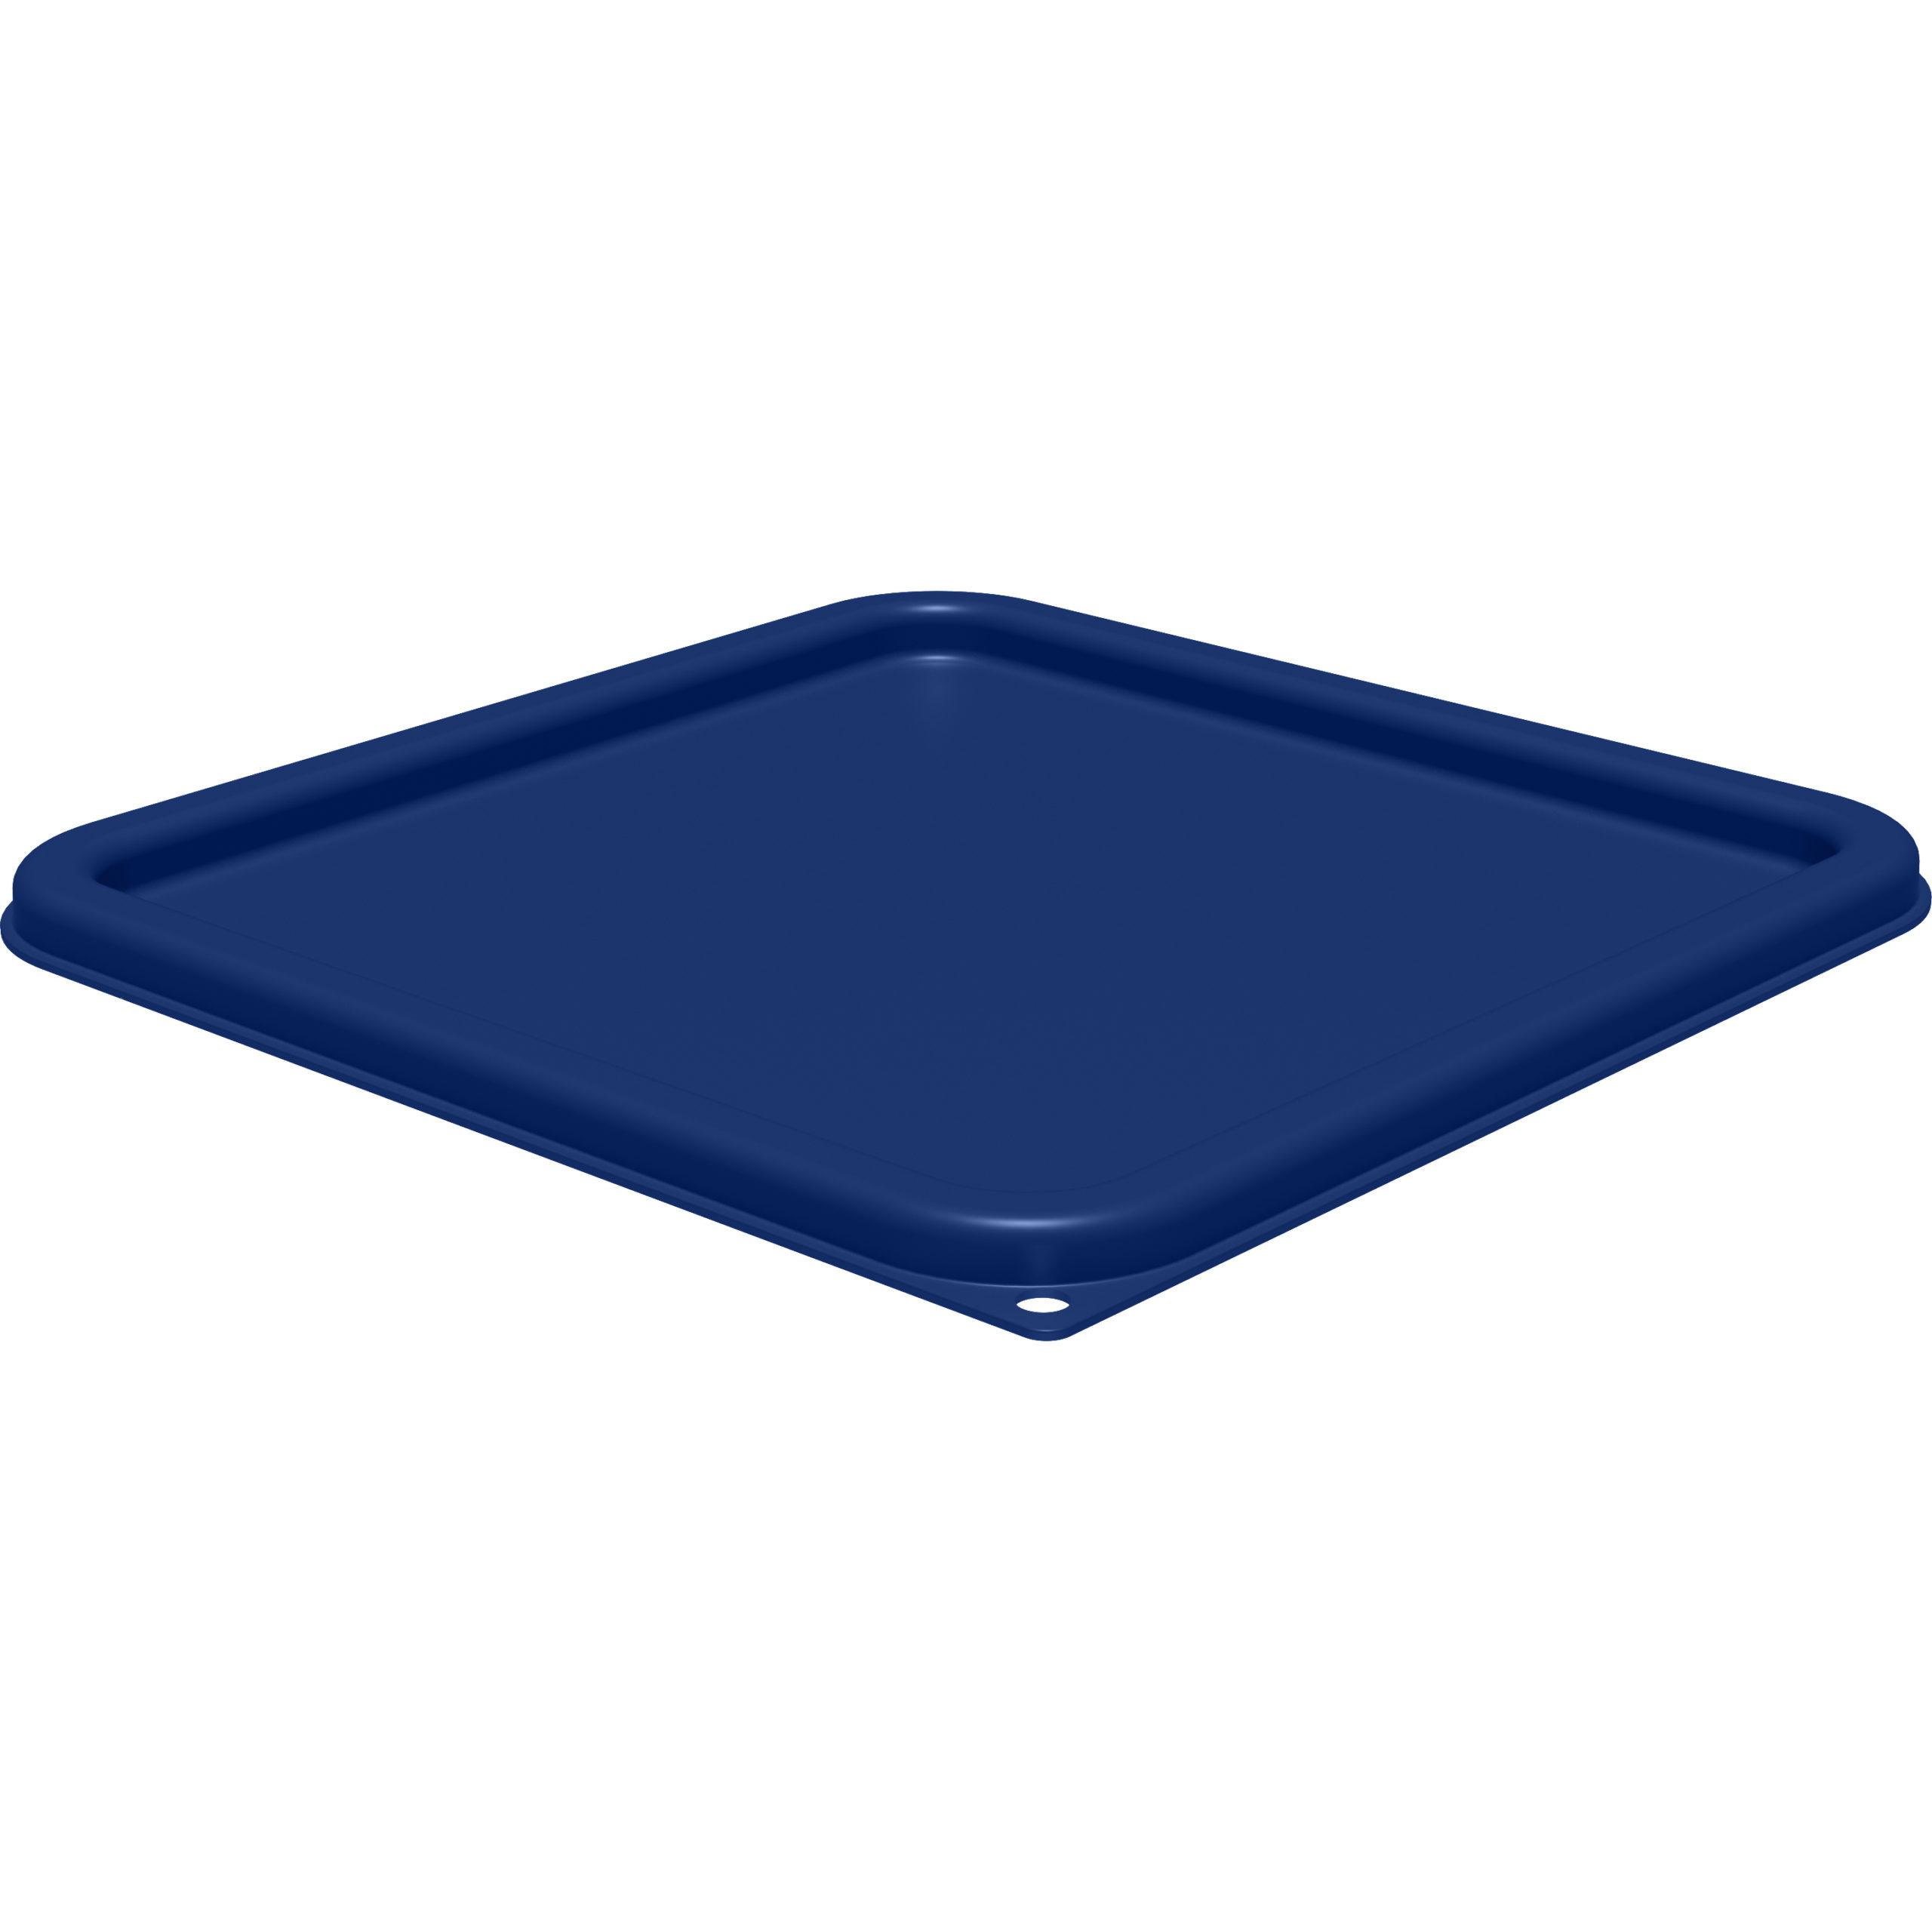 StorPlus? Blue Square Lid, Fits 12-18-22 Qt. Square Containers, Carlisle 1197260